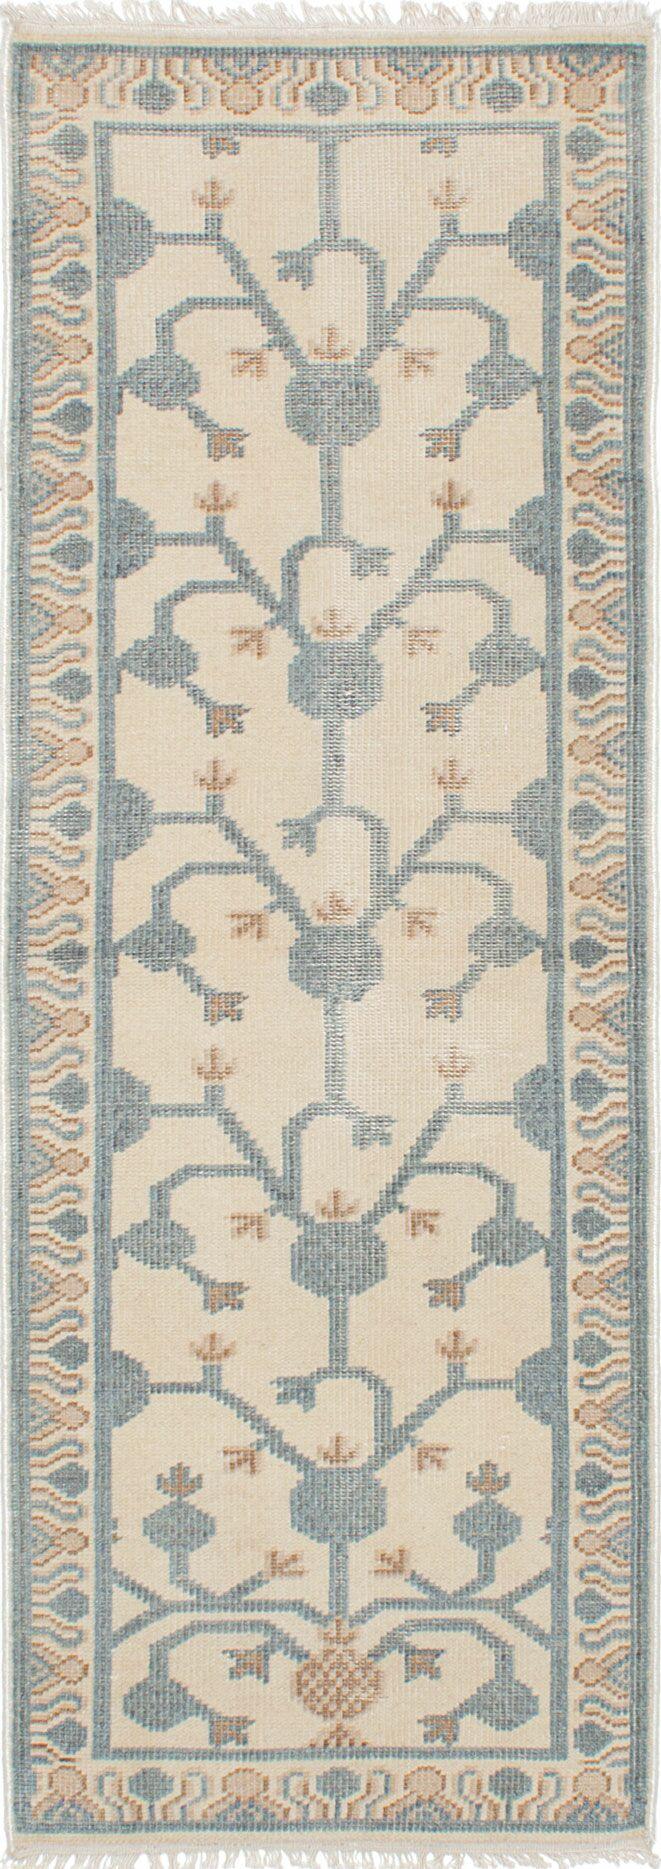 Stonewash Ushak Hand-Woven Cream Area Rug Rug Size: Rectangle 3' x 10'